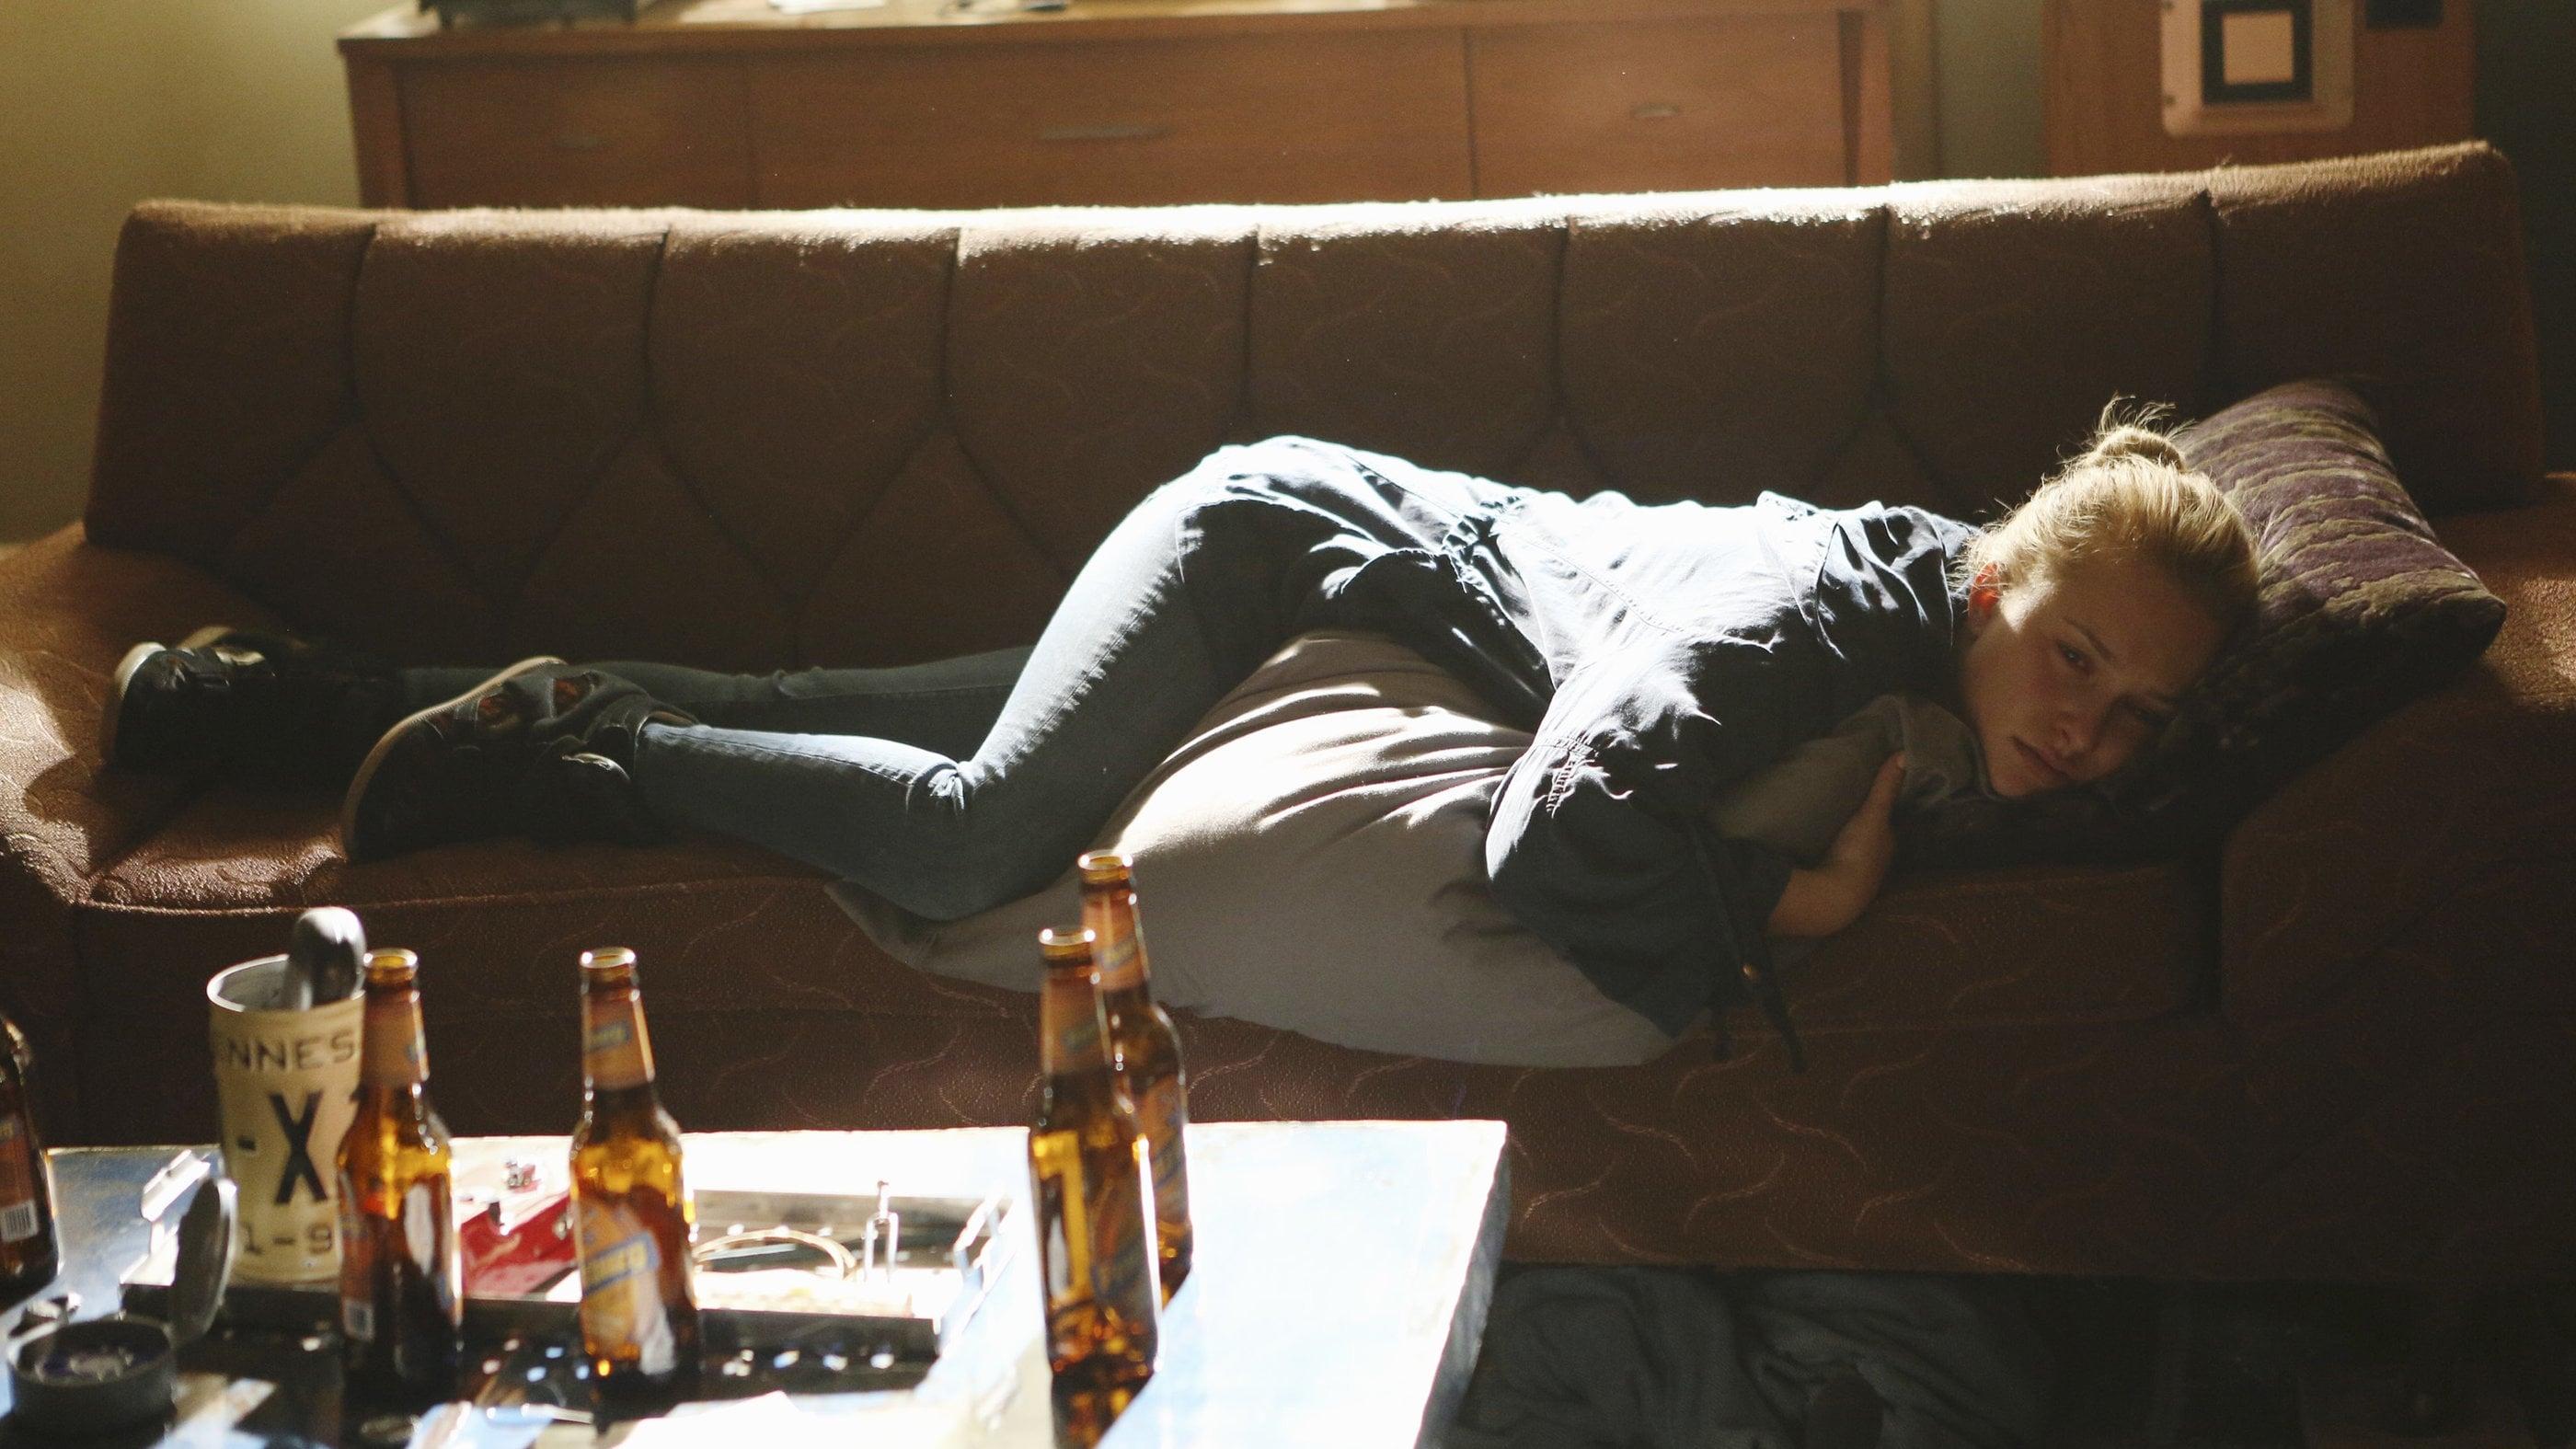 nashville 2012 saison 3 pisode 1 filmstreaming hd com. Black Bedroom Furniture Sets. Home Design Ideas